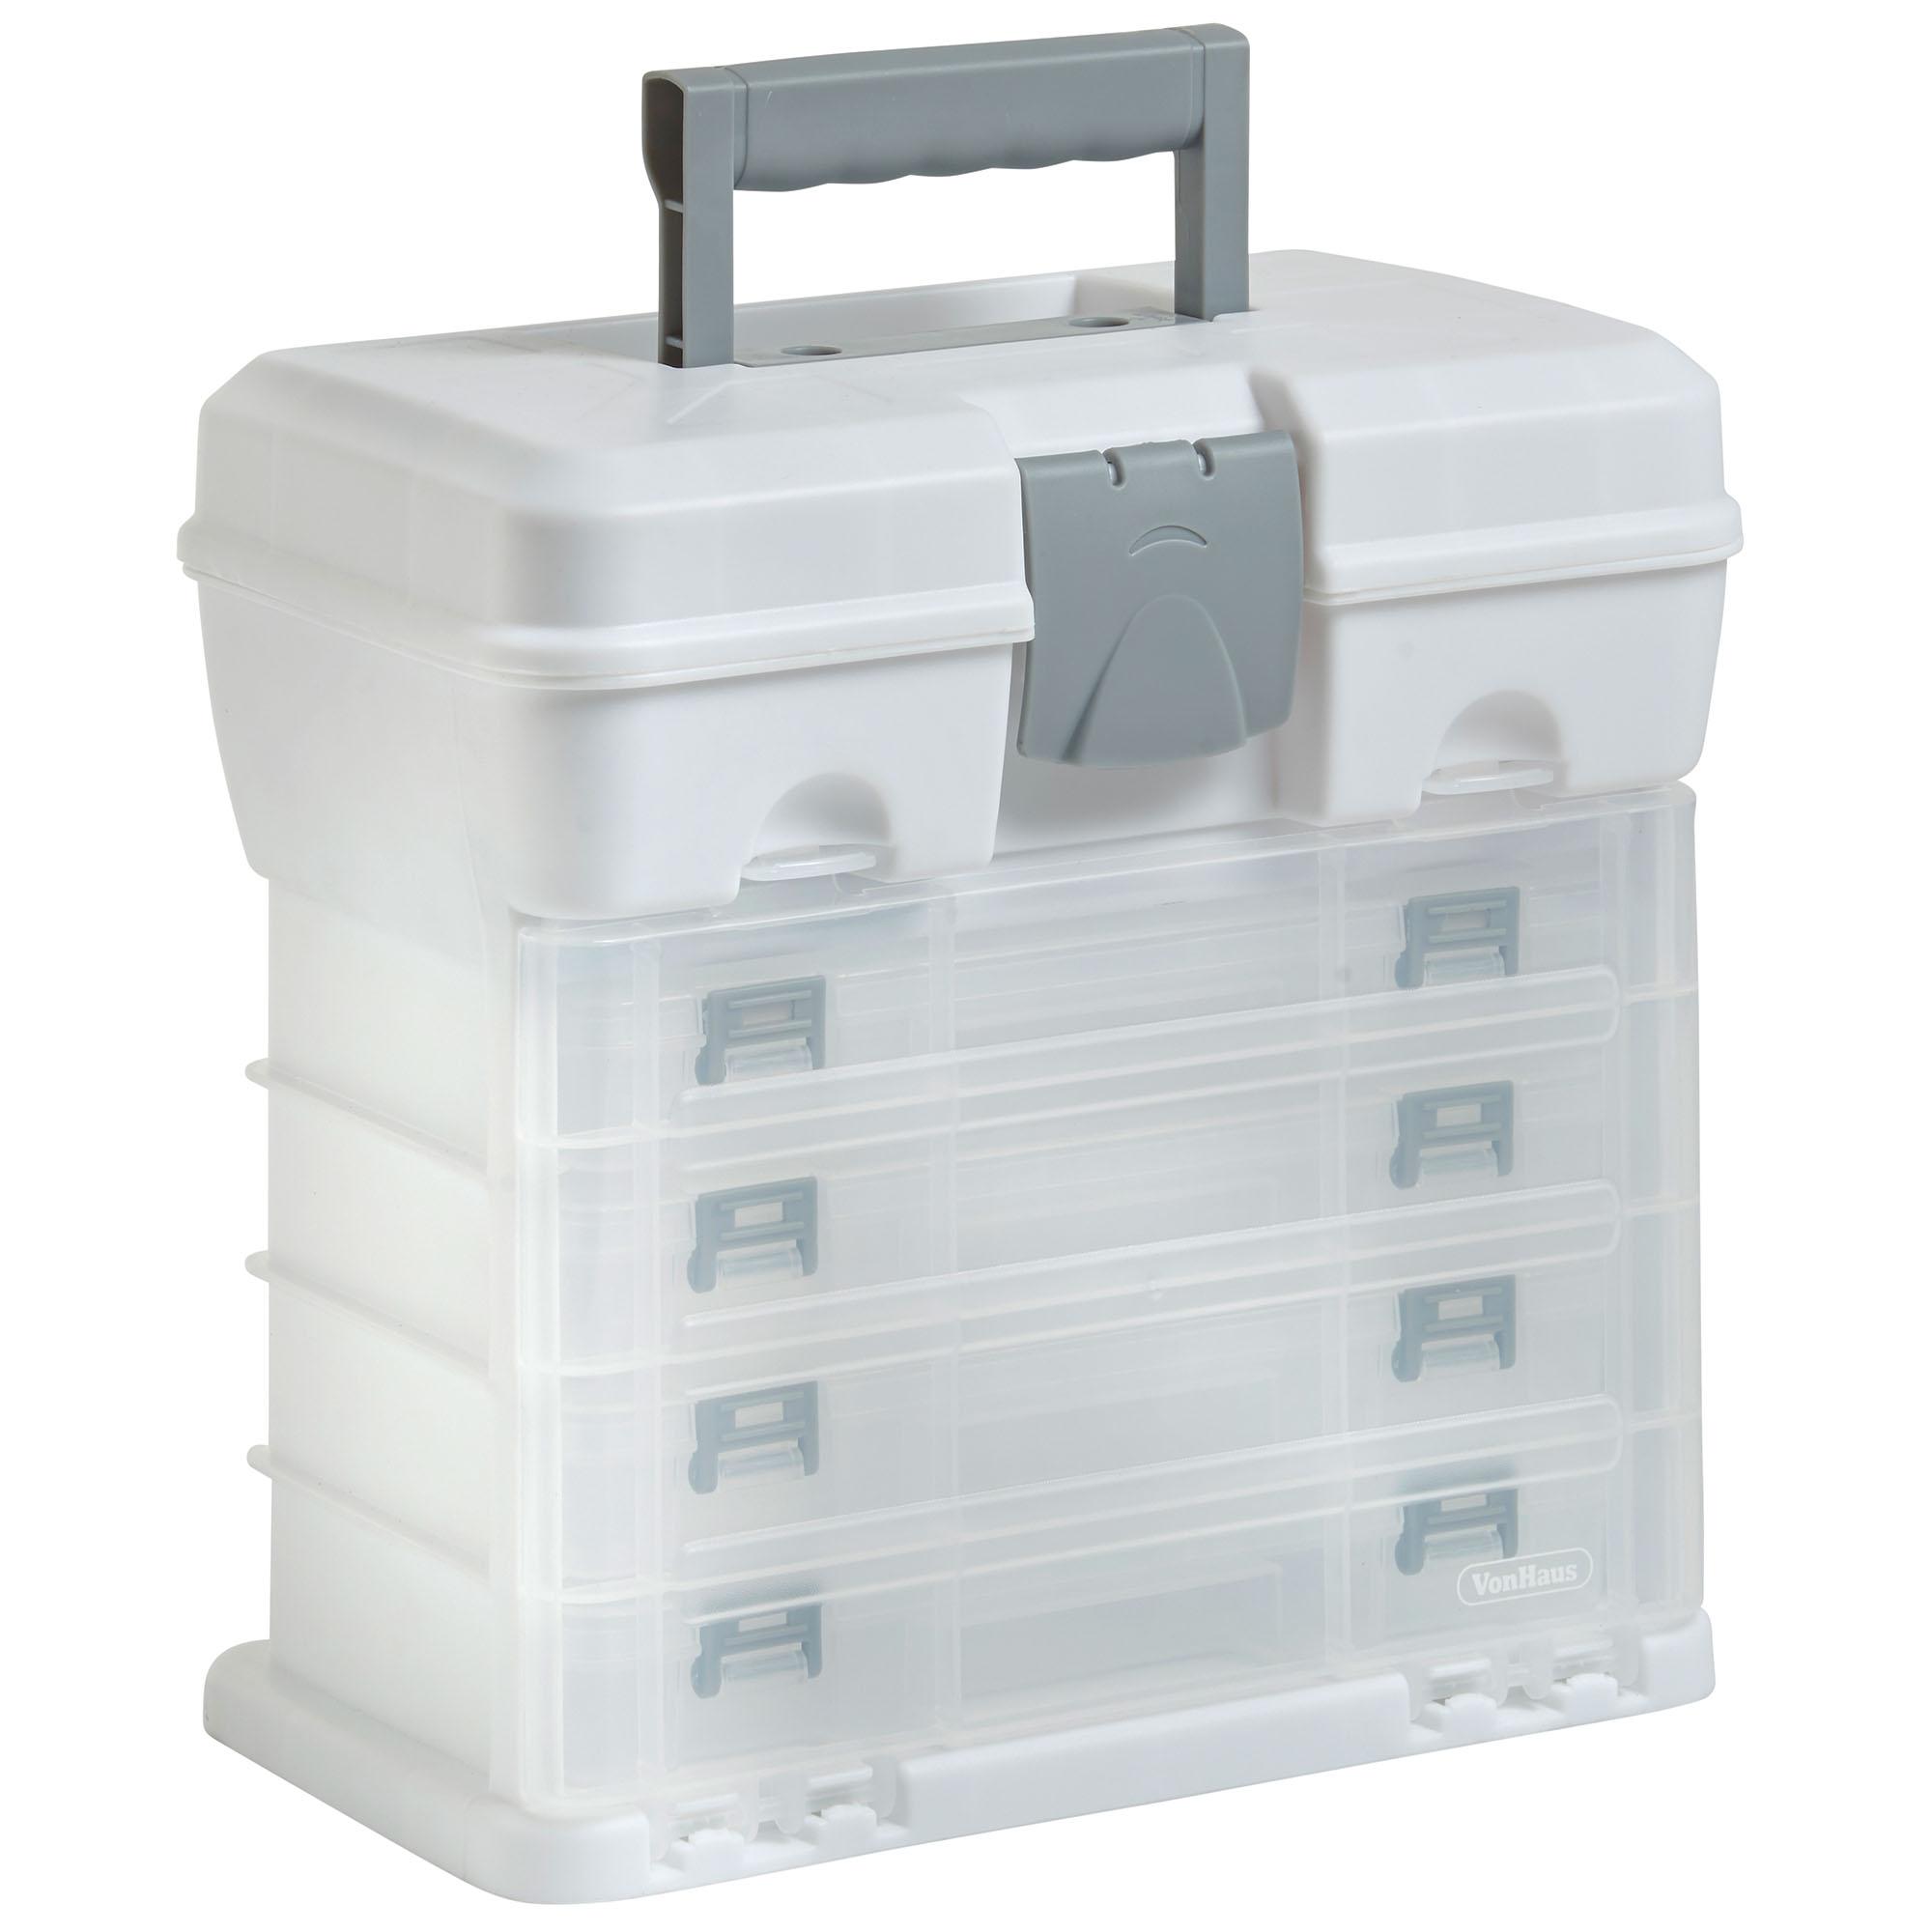 Portable Craft Storage : Vonhaus utility tool storage box portable arts crafts